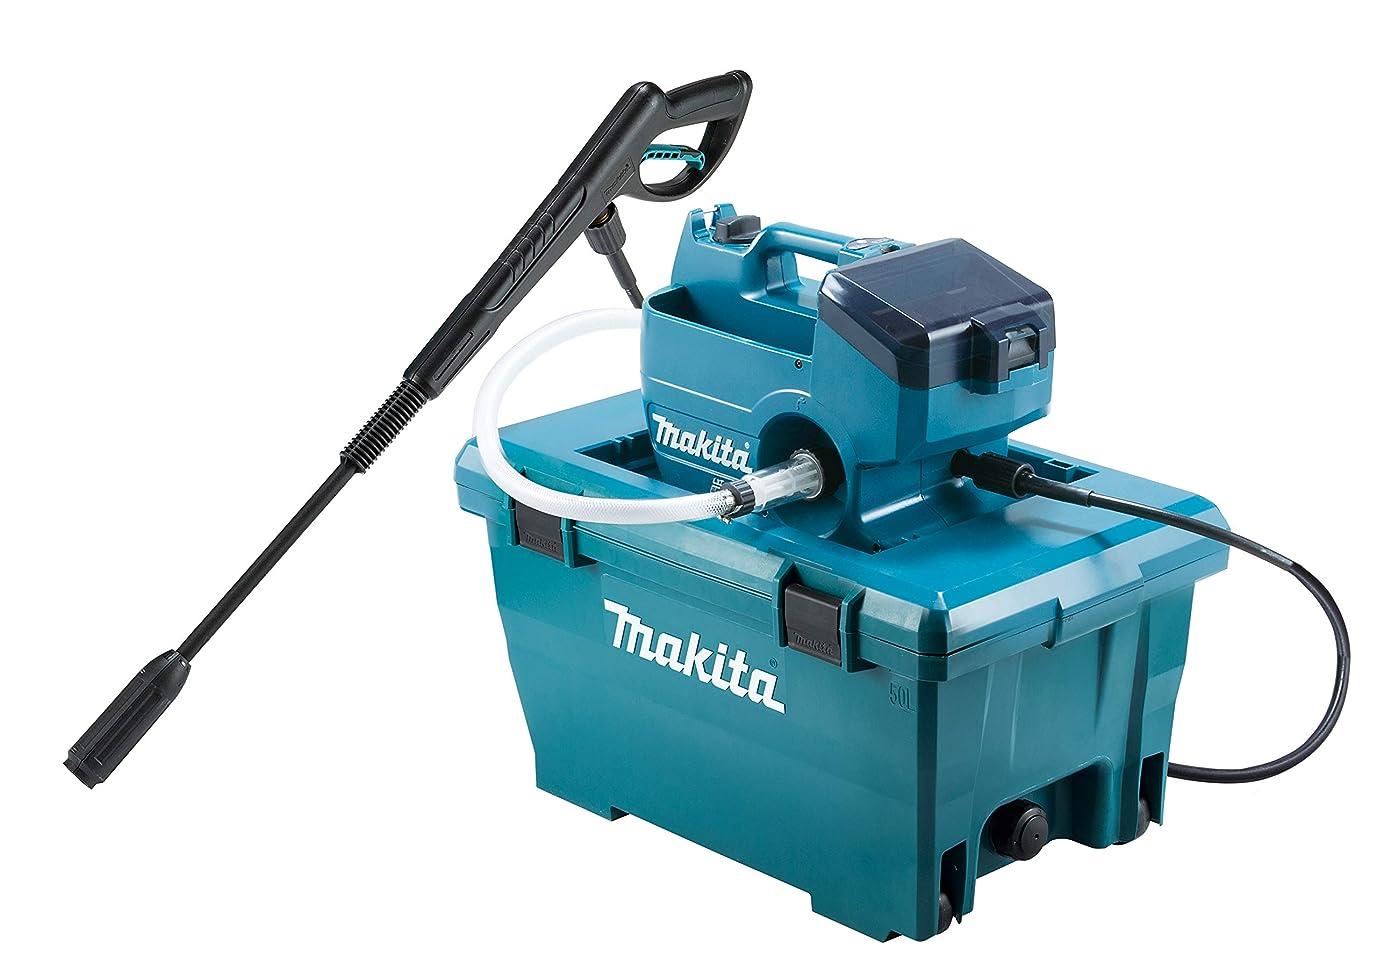 野な仮称それぞれマキタ(Makita) 充電式高圧洗浄機 MHW080DZK